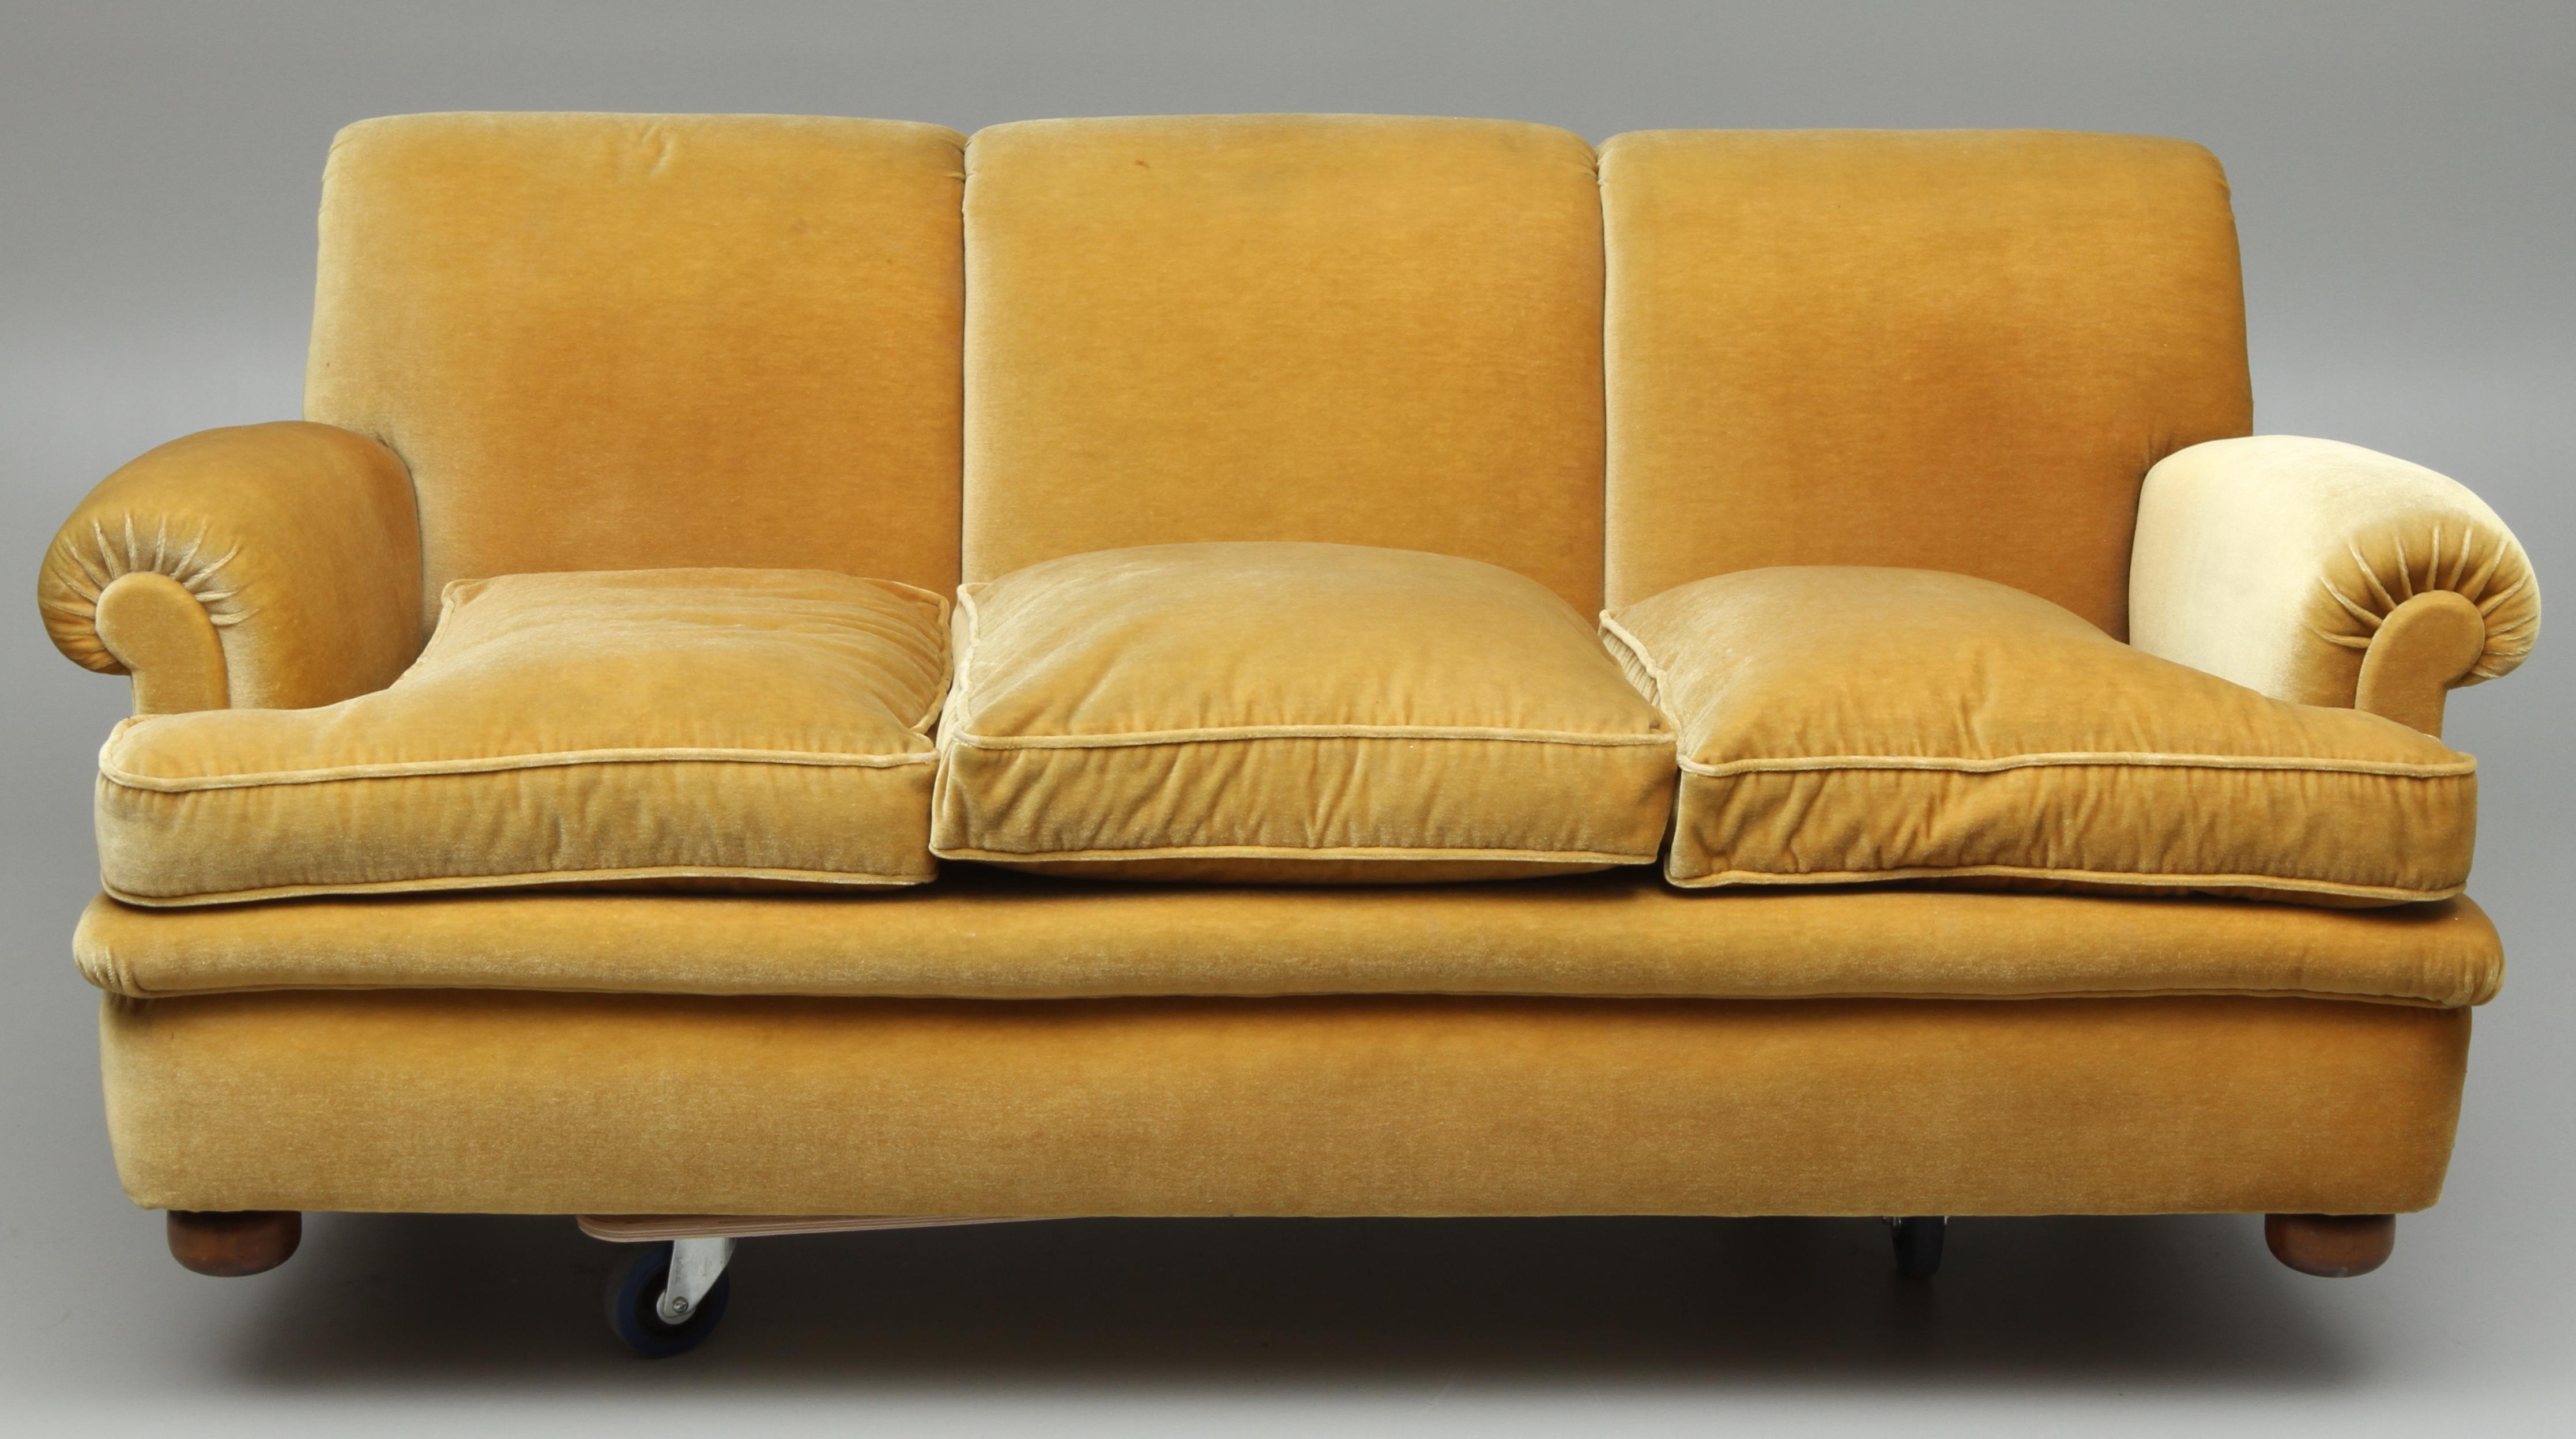 Bilder för 12671 SOFFA, modell 703, design Josef Frank för Svenskt Tenn u2013 Auctionet